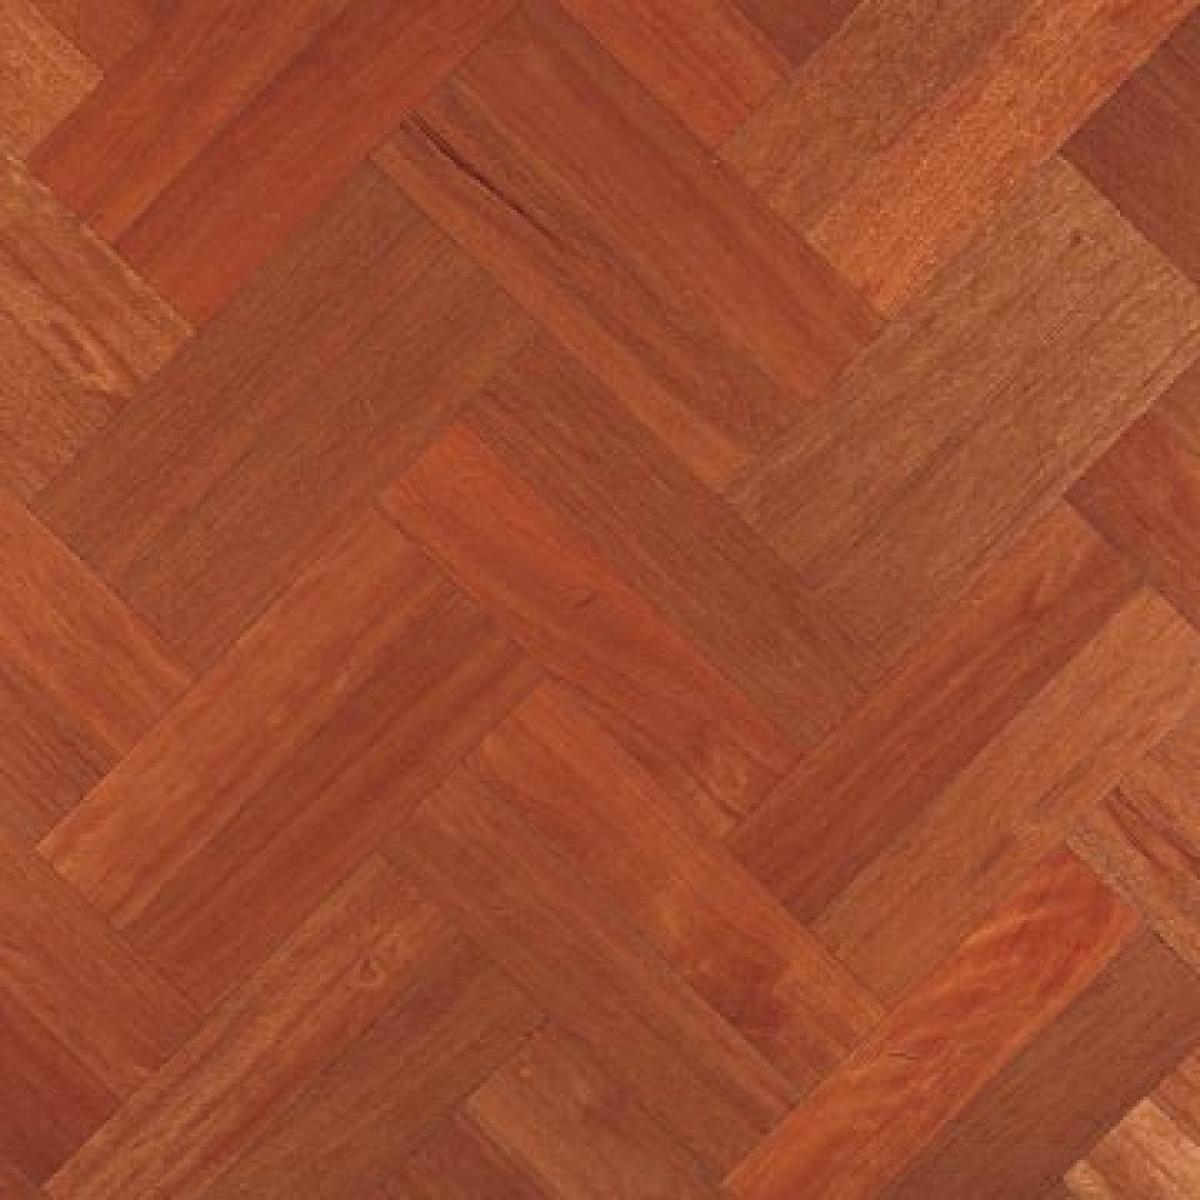 Boral Parquetry Turpentine Classic Grade Get Floors